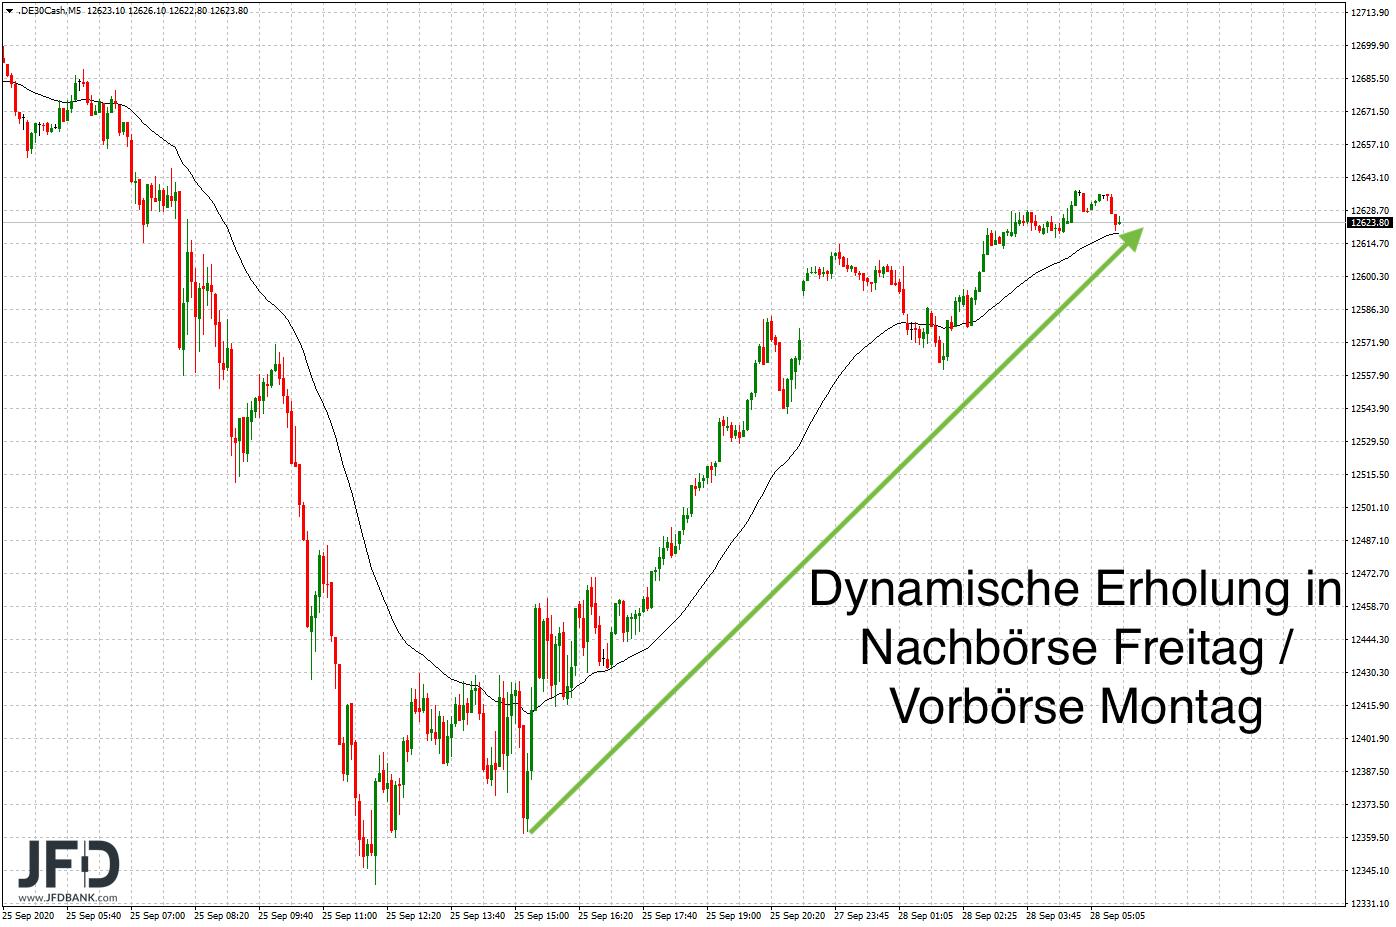 Positiver-DAX-Start-nach-den-Verlusten-der-Vorwoche-Kommentar-JFD-Bank-GodmodeTrader.de-6